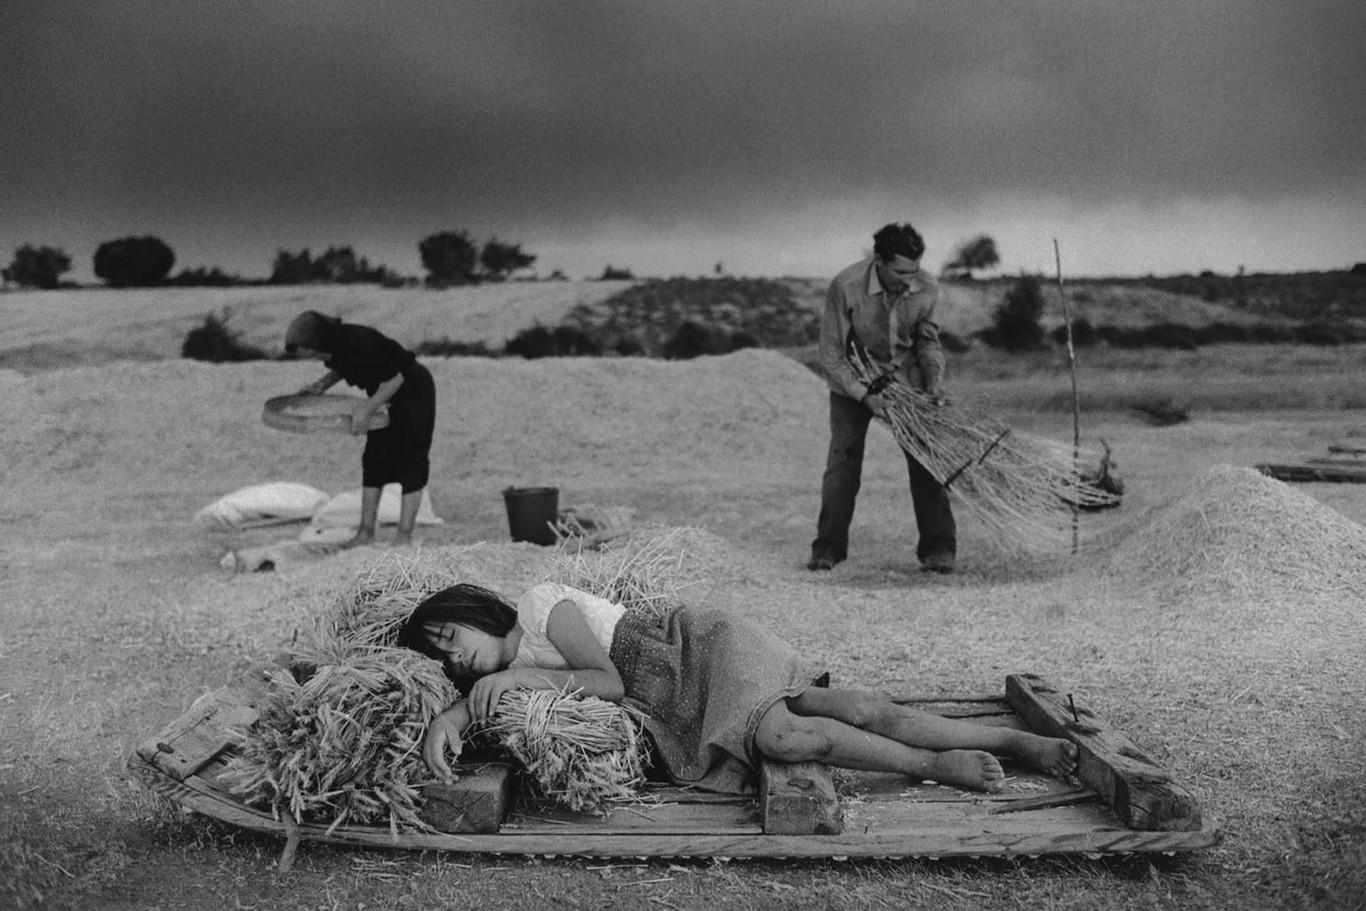 Se cumplen 30 años del libro fundamental de la fotografía española: 'España oculta' de Cristina García Rodero